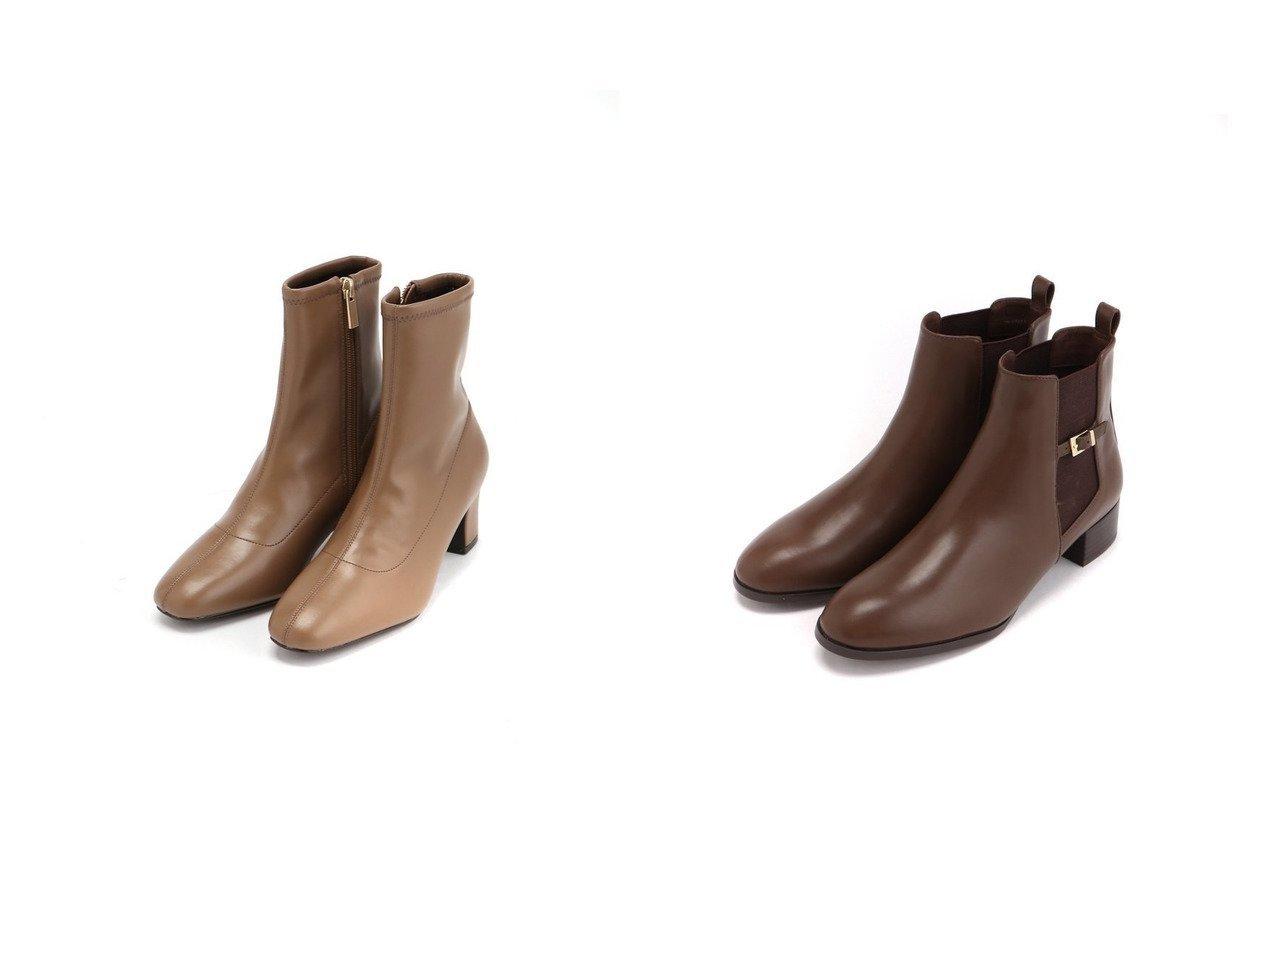 【Le Talon/ル タロン】の5cmスクエアフィットレインブーツ(SS-XL)&3.5cmベルトサイドゴアSB シューズ・靴のおすすめ!人気、トレンド・レディースファッションの通販 おすすめで人気の流行・トレンド、ファッションの通販商品 メンズファッション・キッズファッション・インテリア・家具・レディースファッション・服の通販 founy(ファニー) https://founy.com/ ファッション Fashion レディースファッション WOMEN ベルト Belts NEW・新作・新着・新入荷 New Arrivals 2020年 2020 2020-2021 秋冬 A/W AW Autumn/Winter / FW Fall-Winter 2020-2021 A/W 秋冬 AW Autumn/Winter / FW Fall-Winter シューズ ショート フィット インナー クッション 抗菌 スエード バランス S/S 春夏 SS Spring/Summer  ID:crp329100000012456